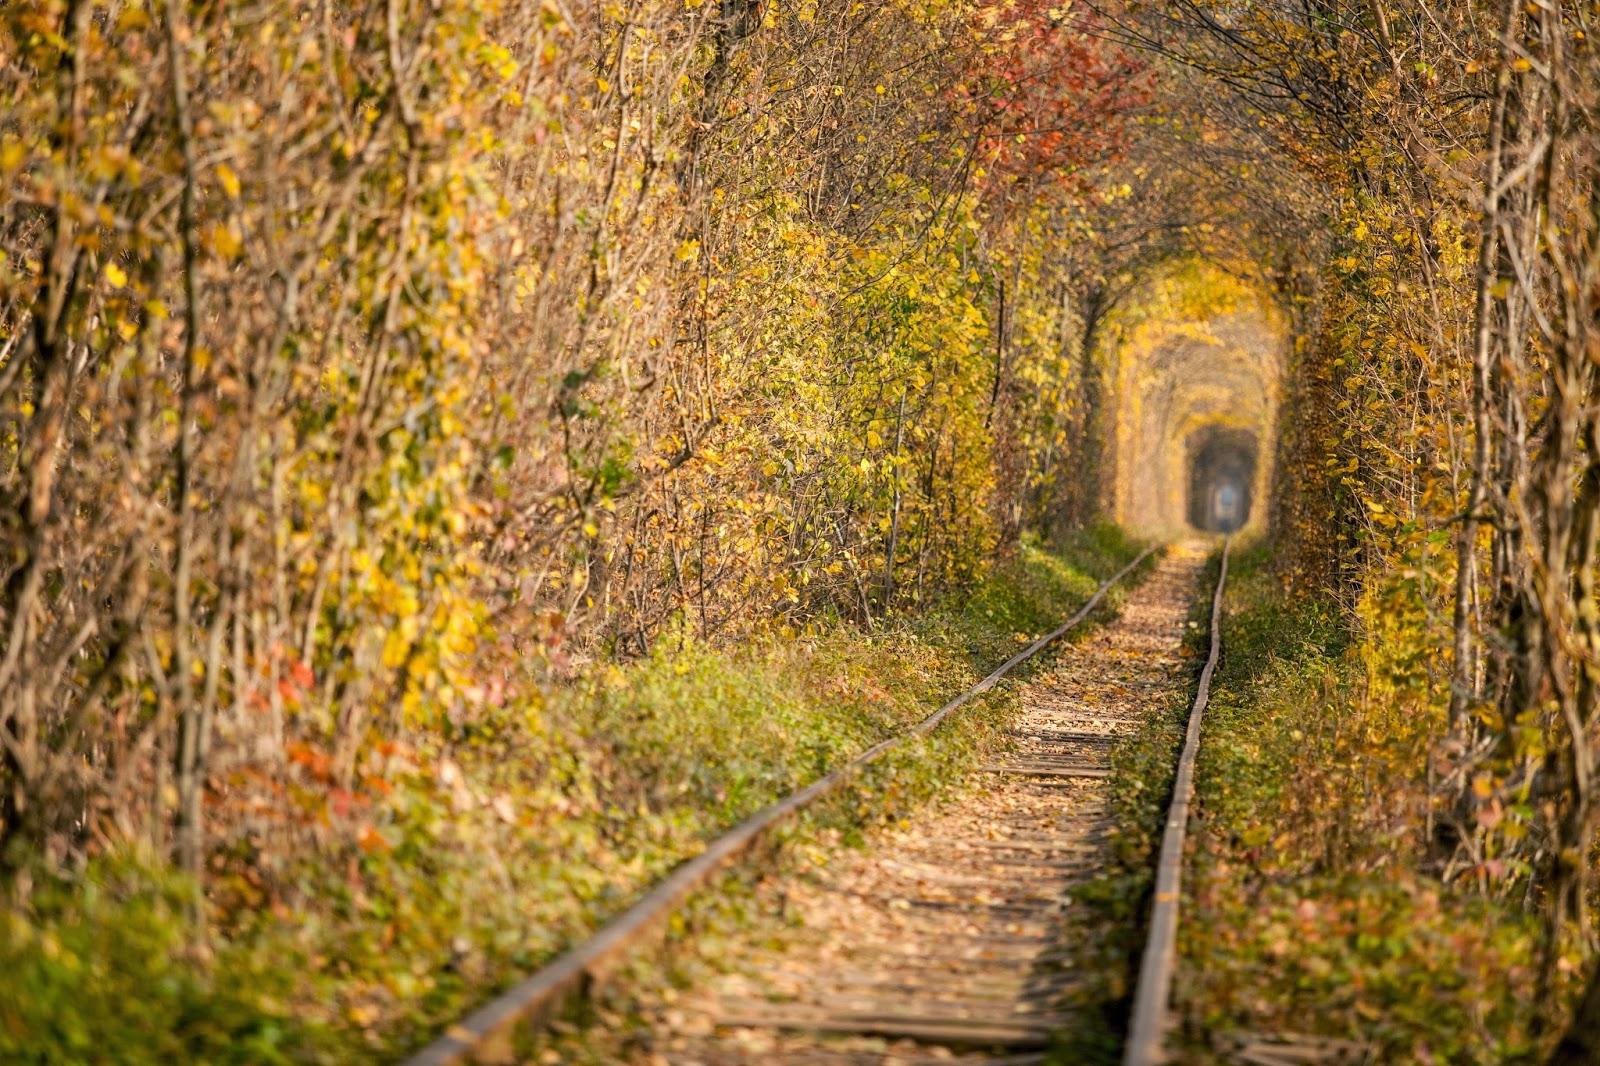 """Ghé thăm """"đường hầm tình yêu"""" đẹp ma mị ở Ukraine, nơi những cặp đôi một lần lạc bước sẽ chẳng muốn quay về - Ảnh 9."""